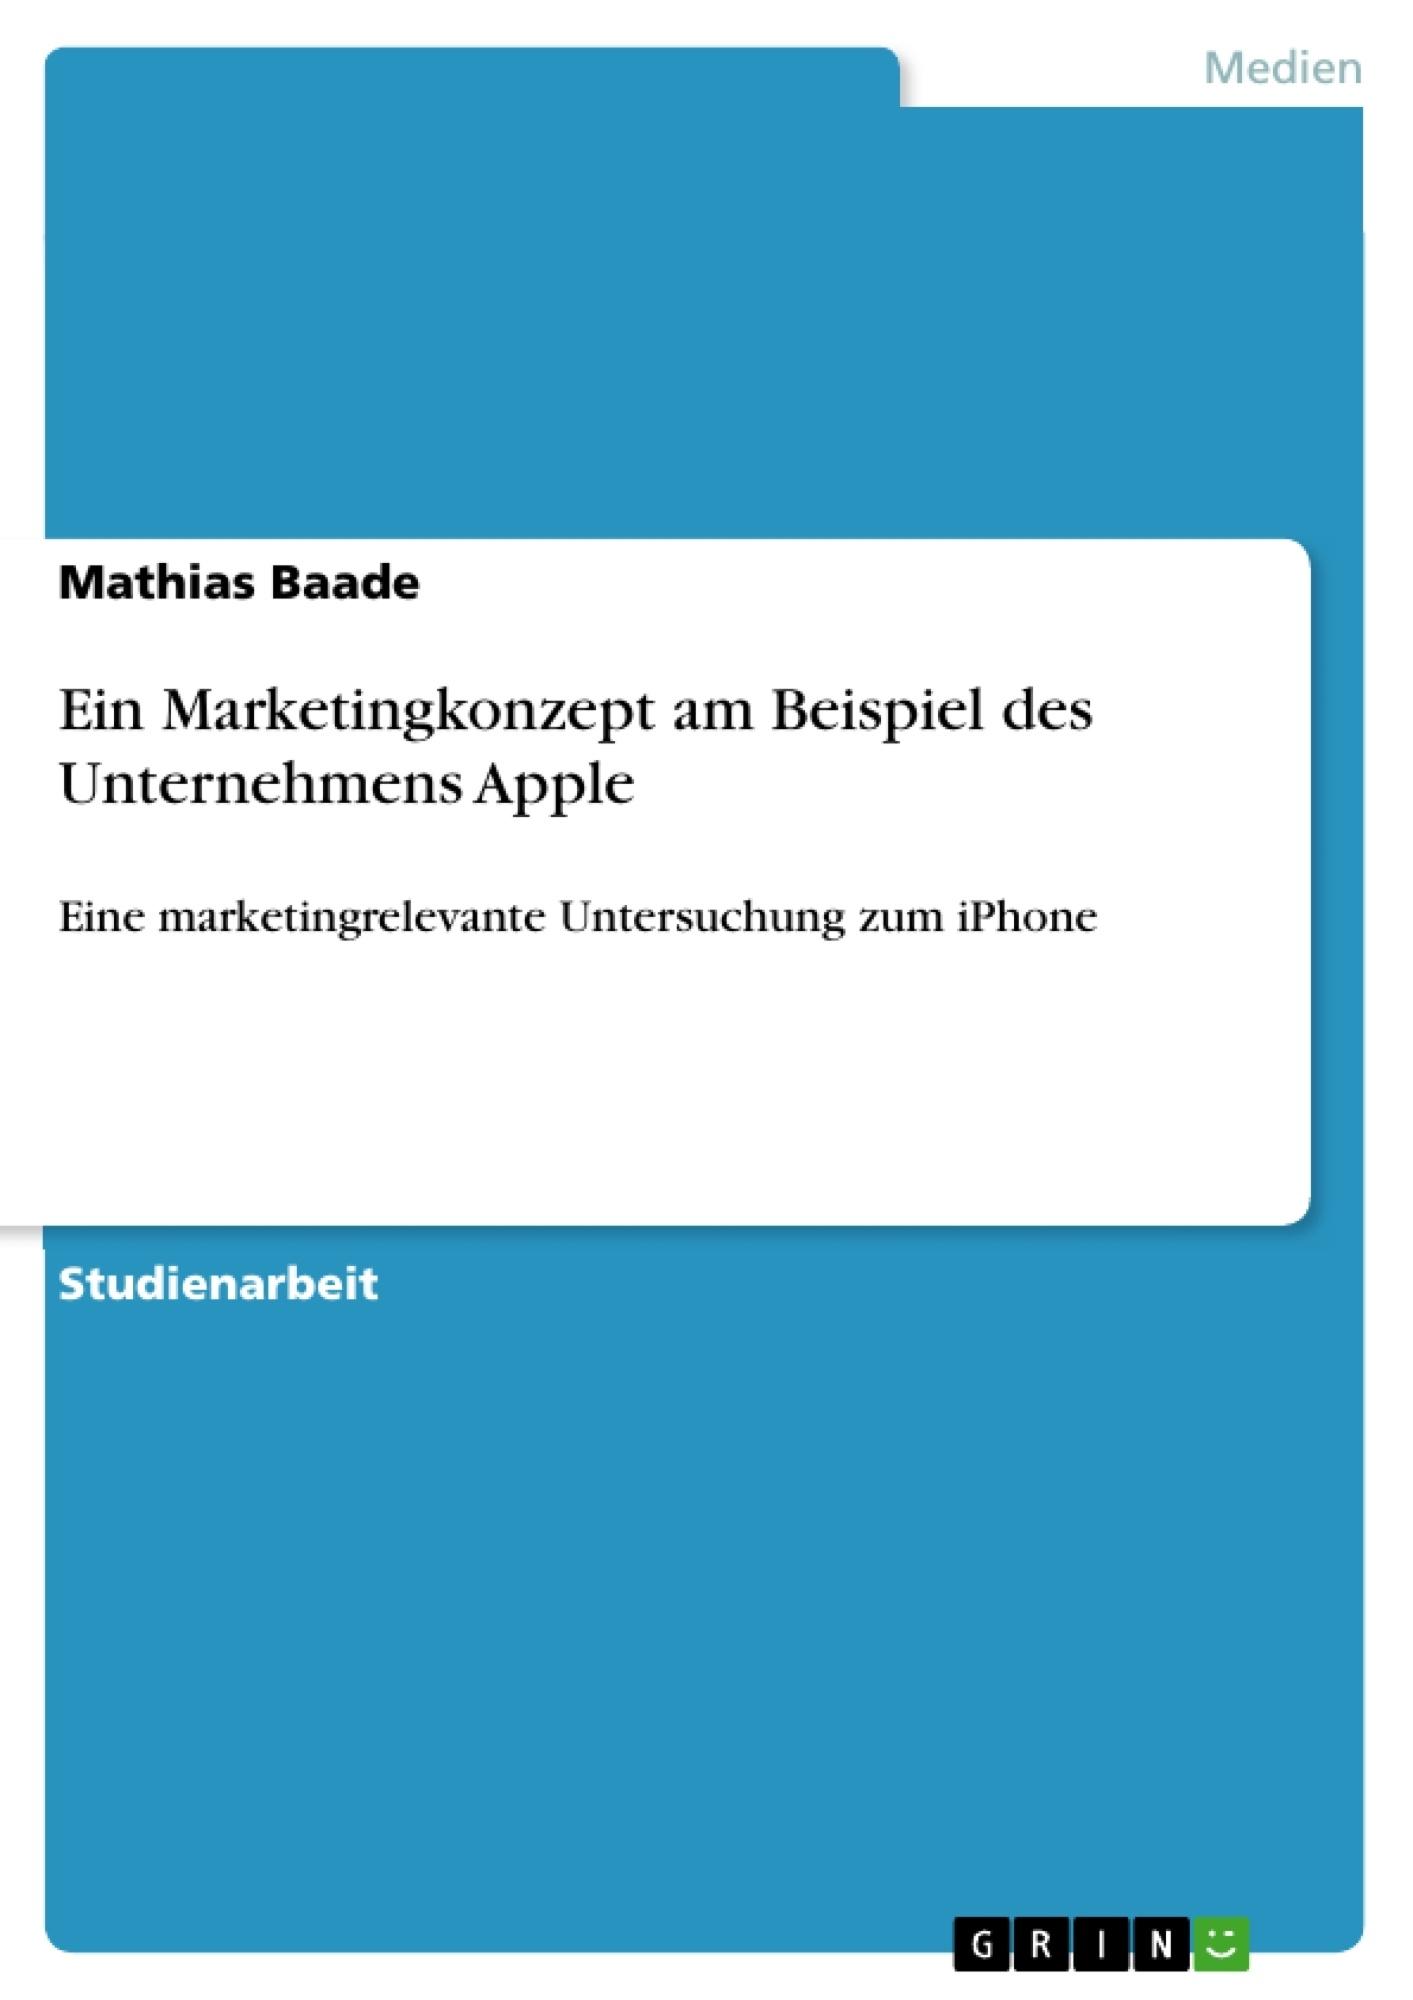 Titel: Ein Marketingkonzept am Beispiel des Unternehmens Apple